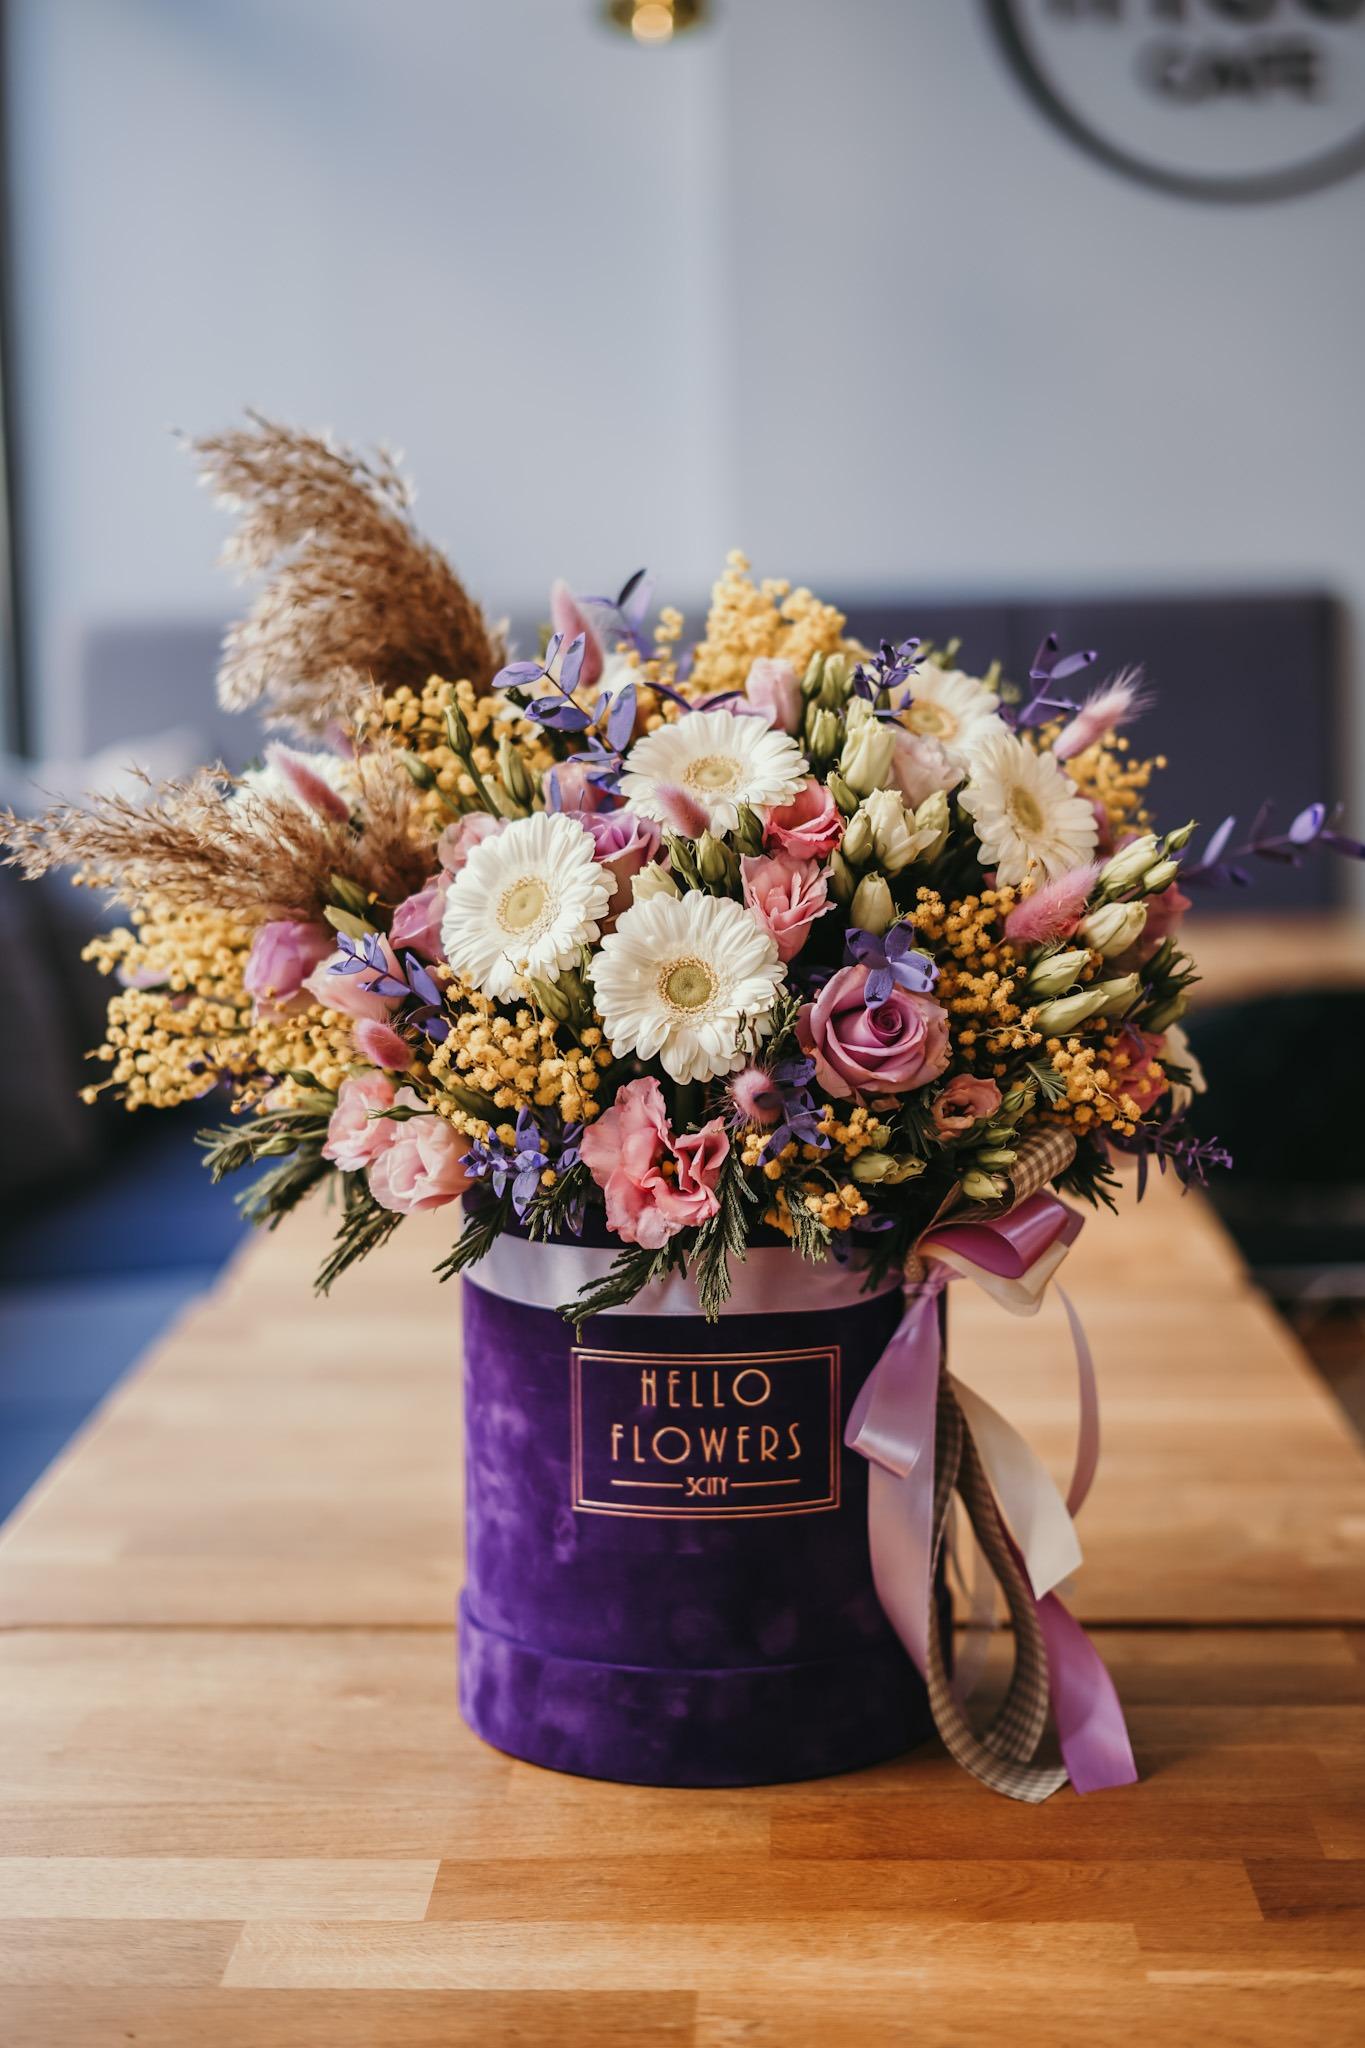 HelloFlowers kwiaciarnia Gdansk 12 - Dzień Kobiet. Gdzie kupimy piękne bukiety?